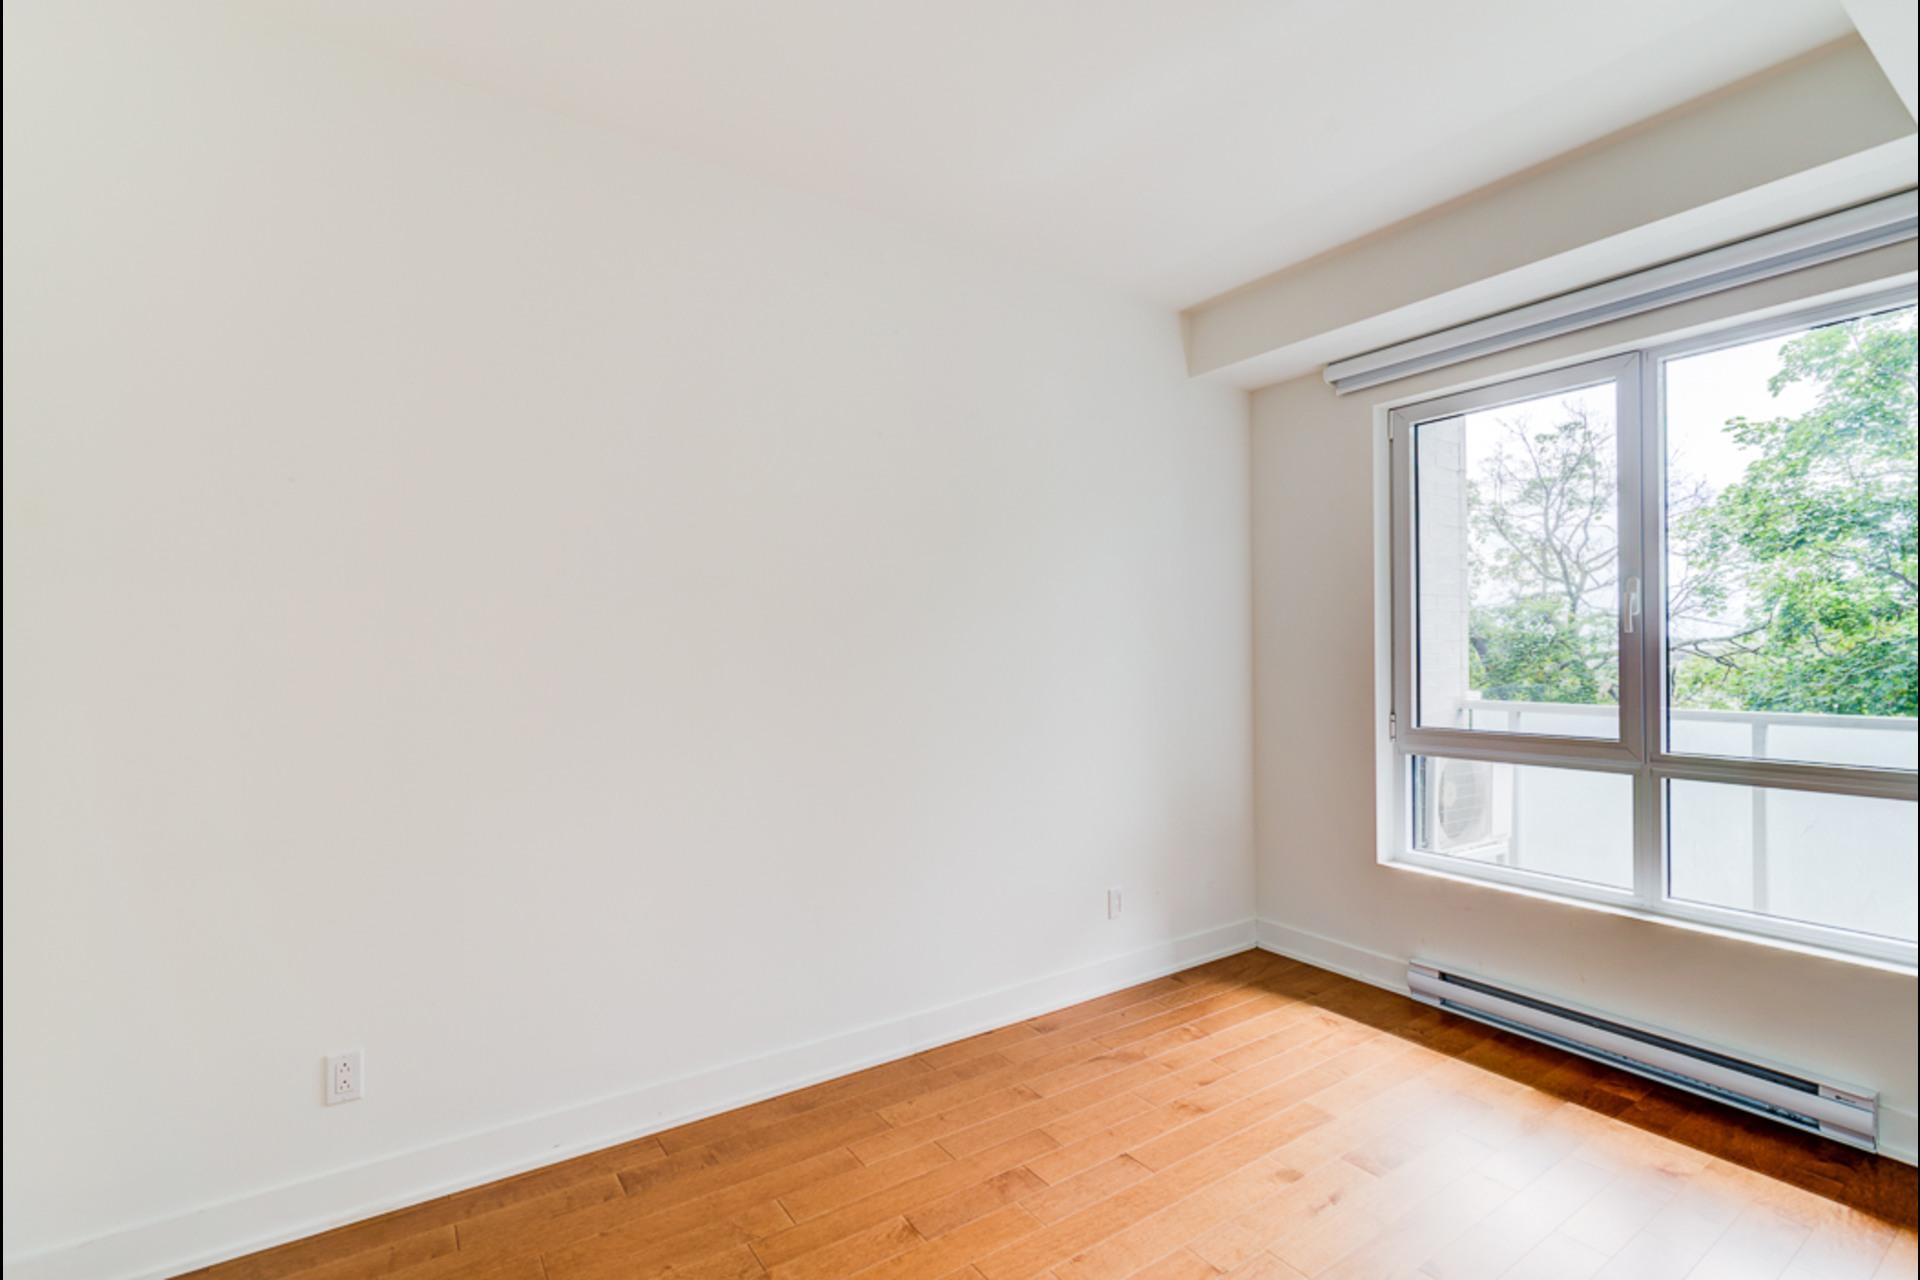 image 9 - Condo For rent Montréal